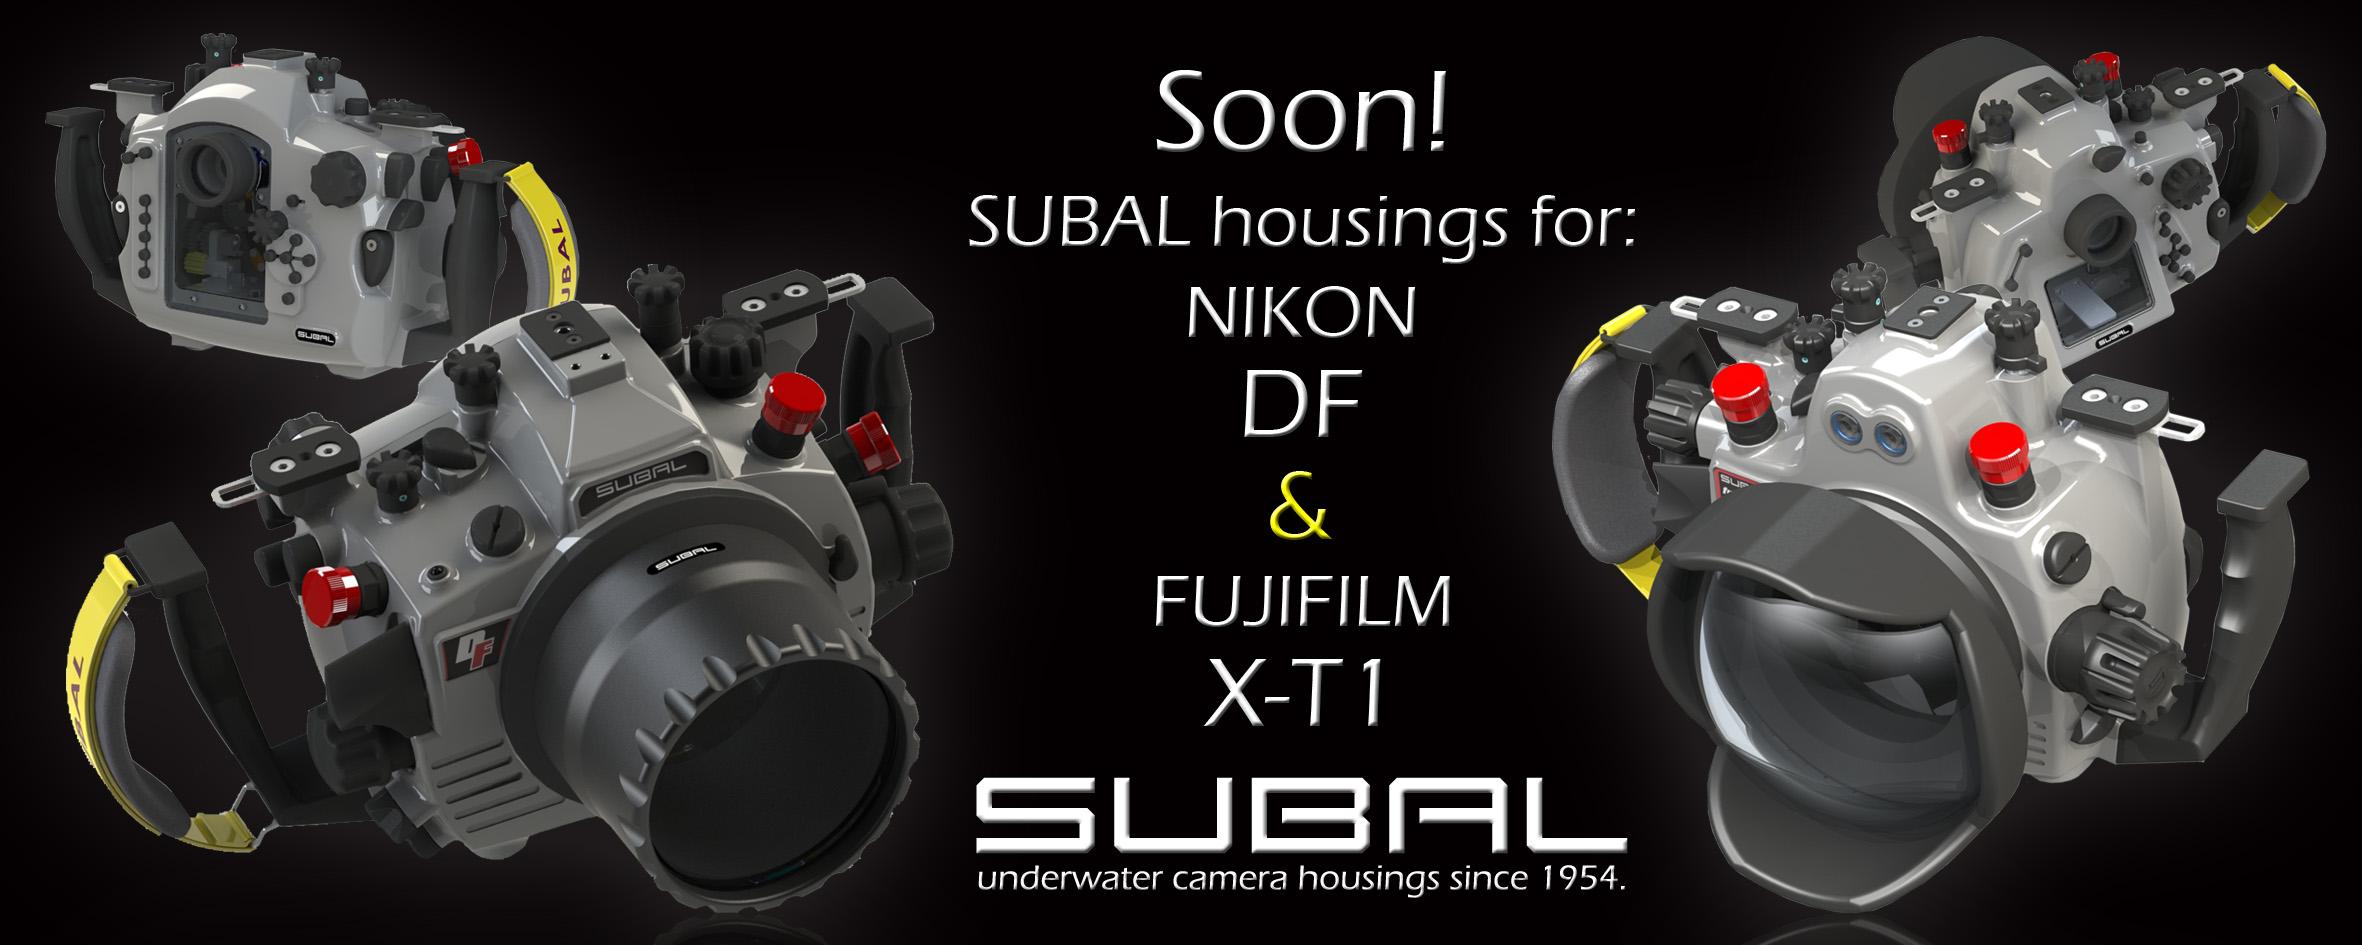 Subal_Nikon_DF